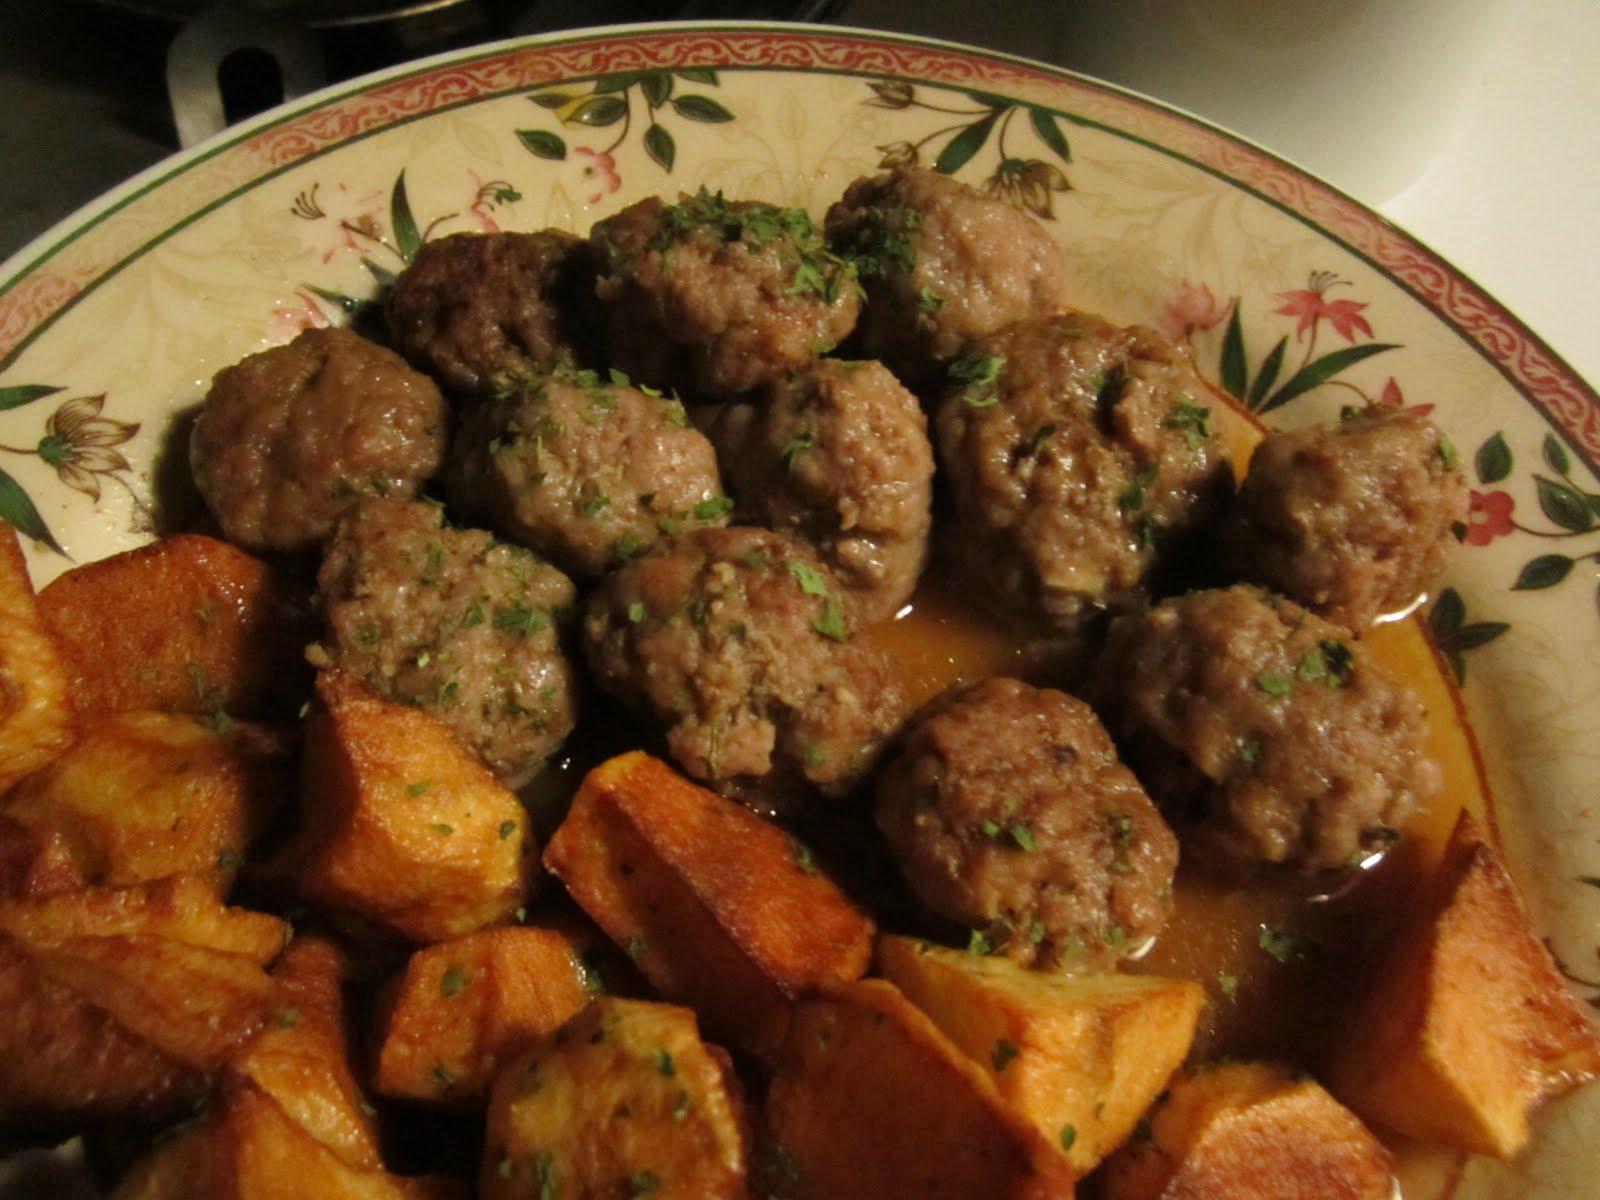 La dieta mediterr nea de nuestra familia albondigas - Albondigas de patata ...